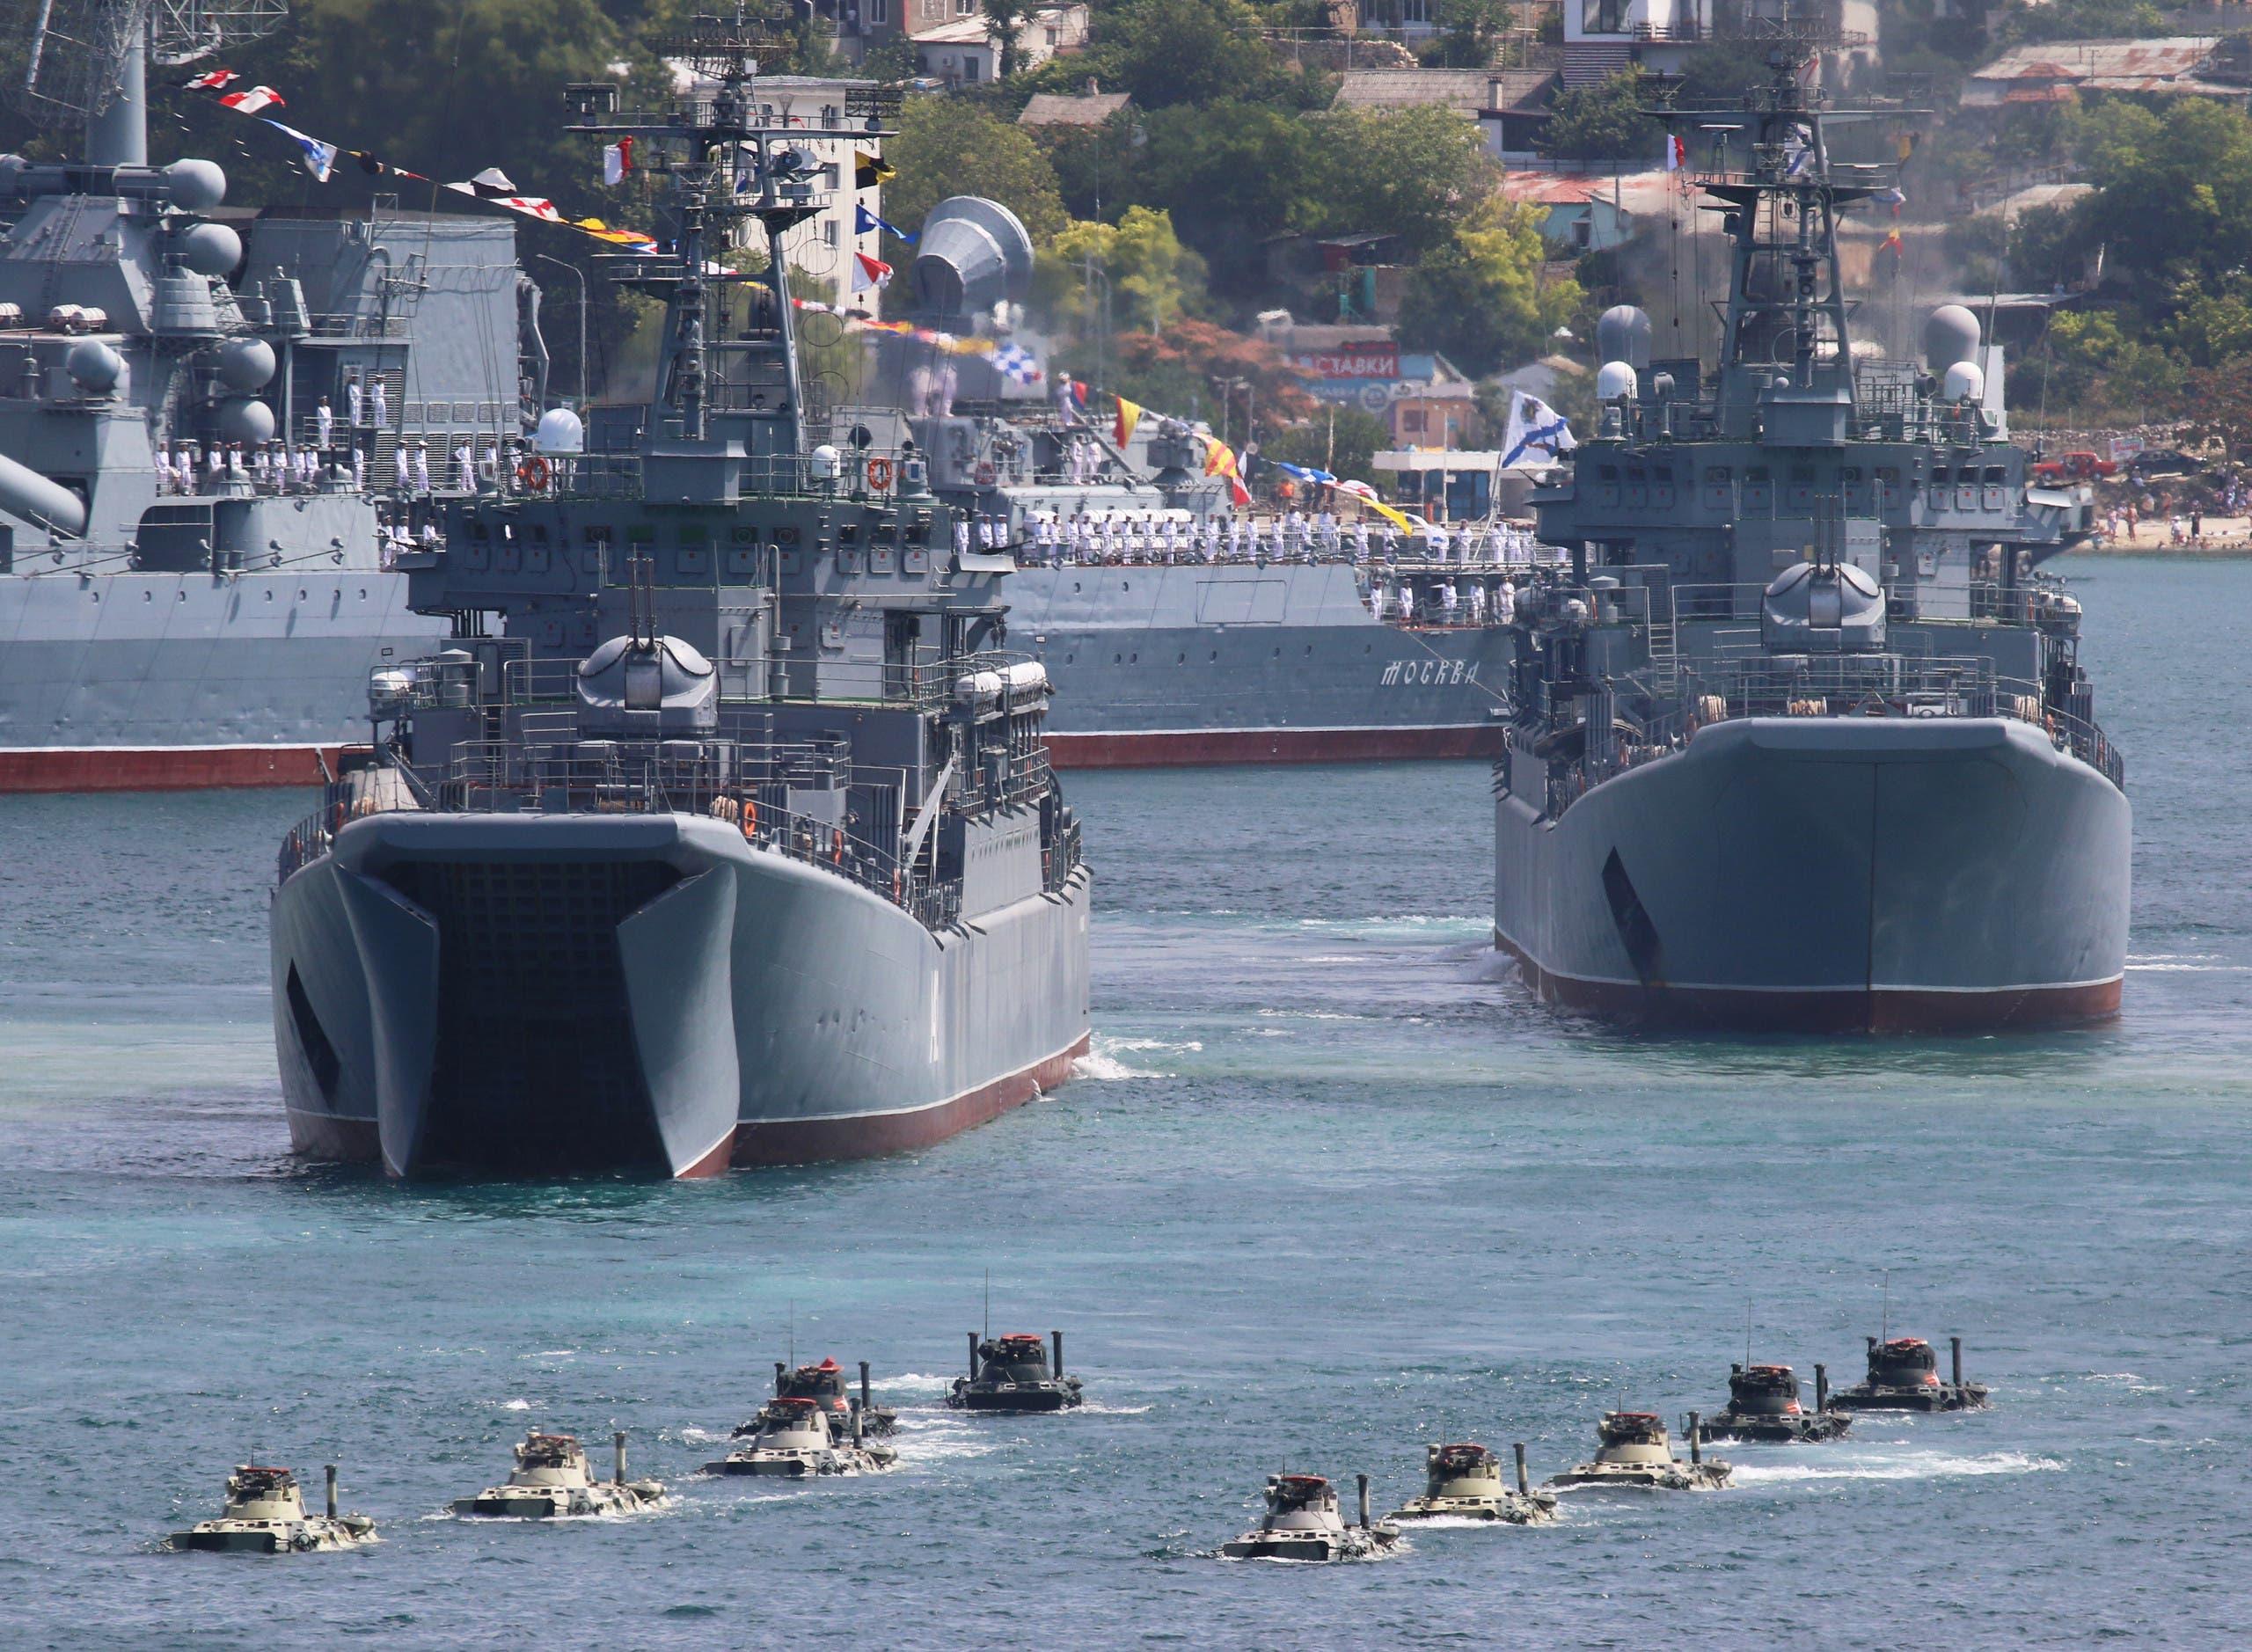 سفن حربية روسية في البحر الأسود (أرشيفية)